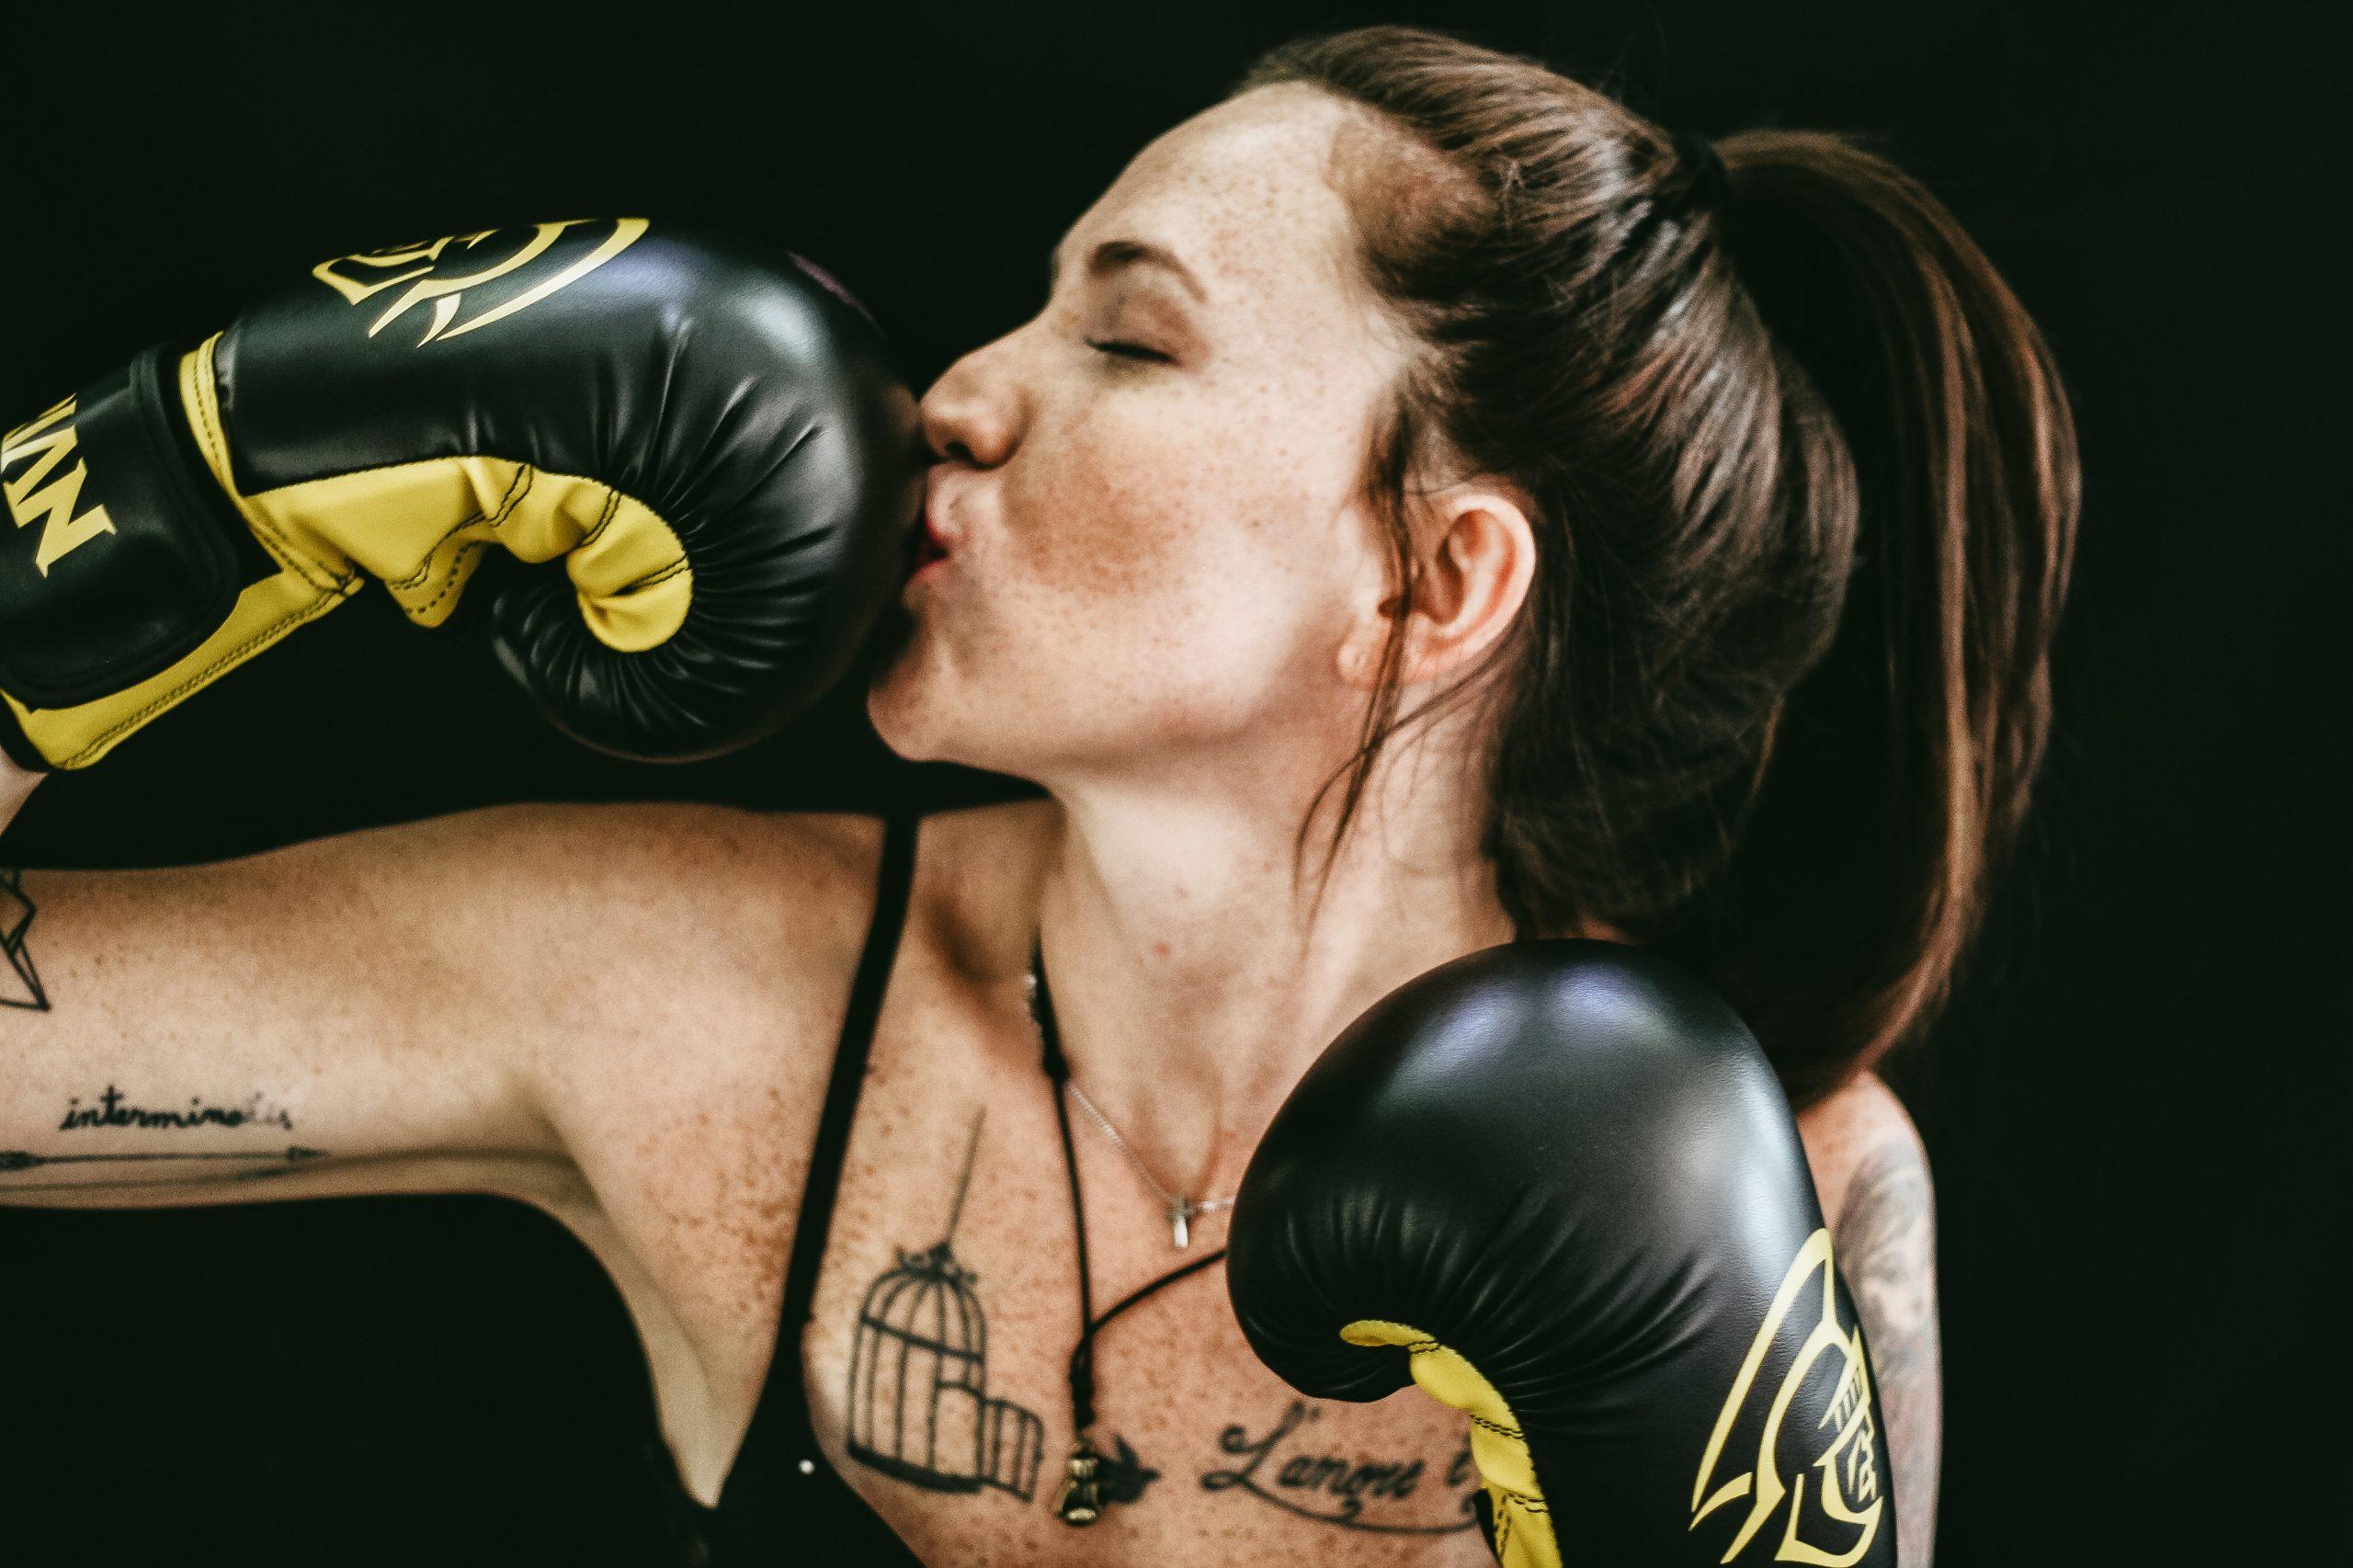 Frau küsst ihren Boxhandschuh